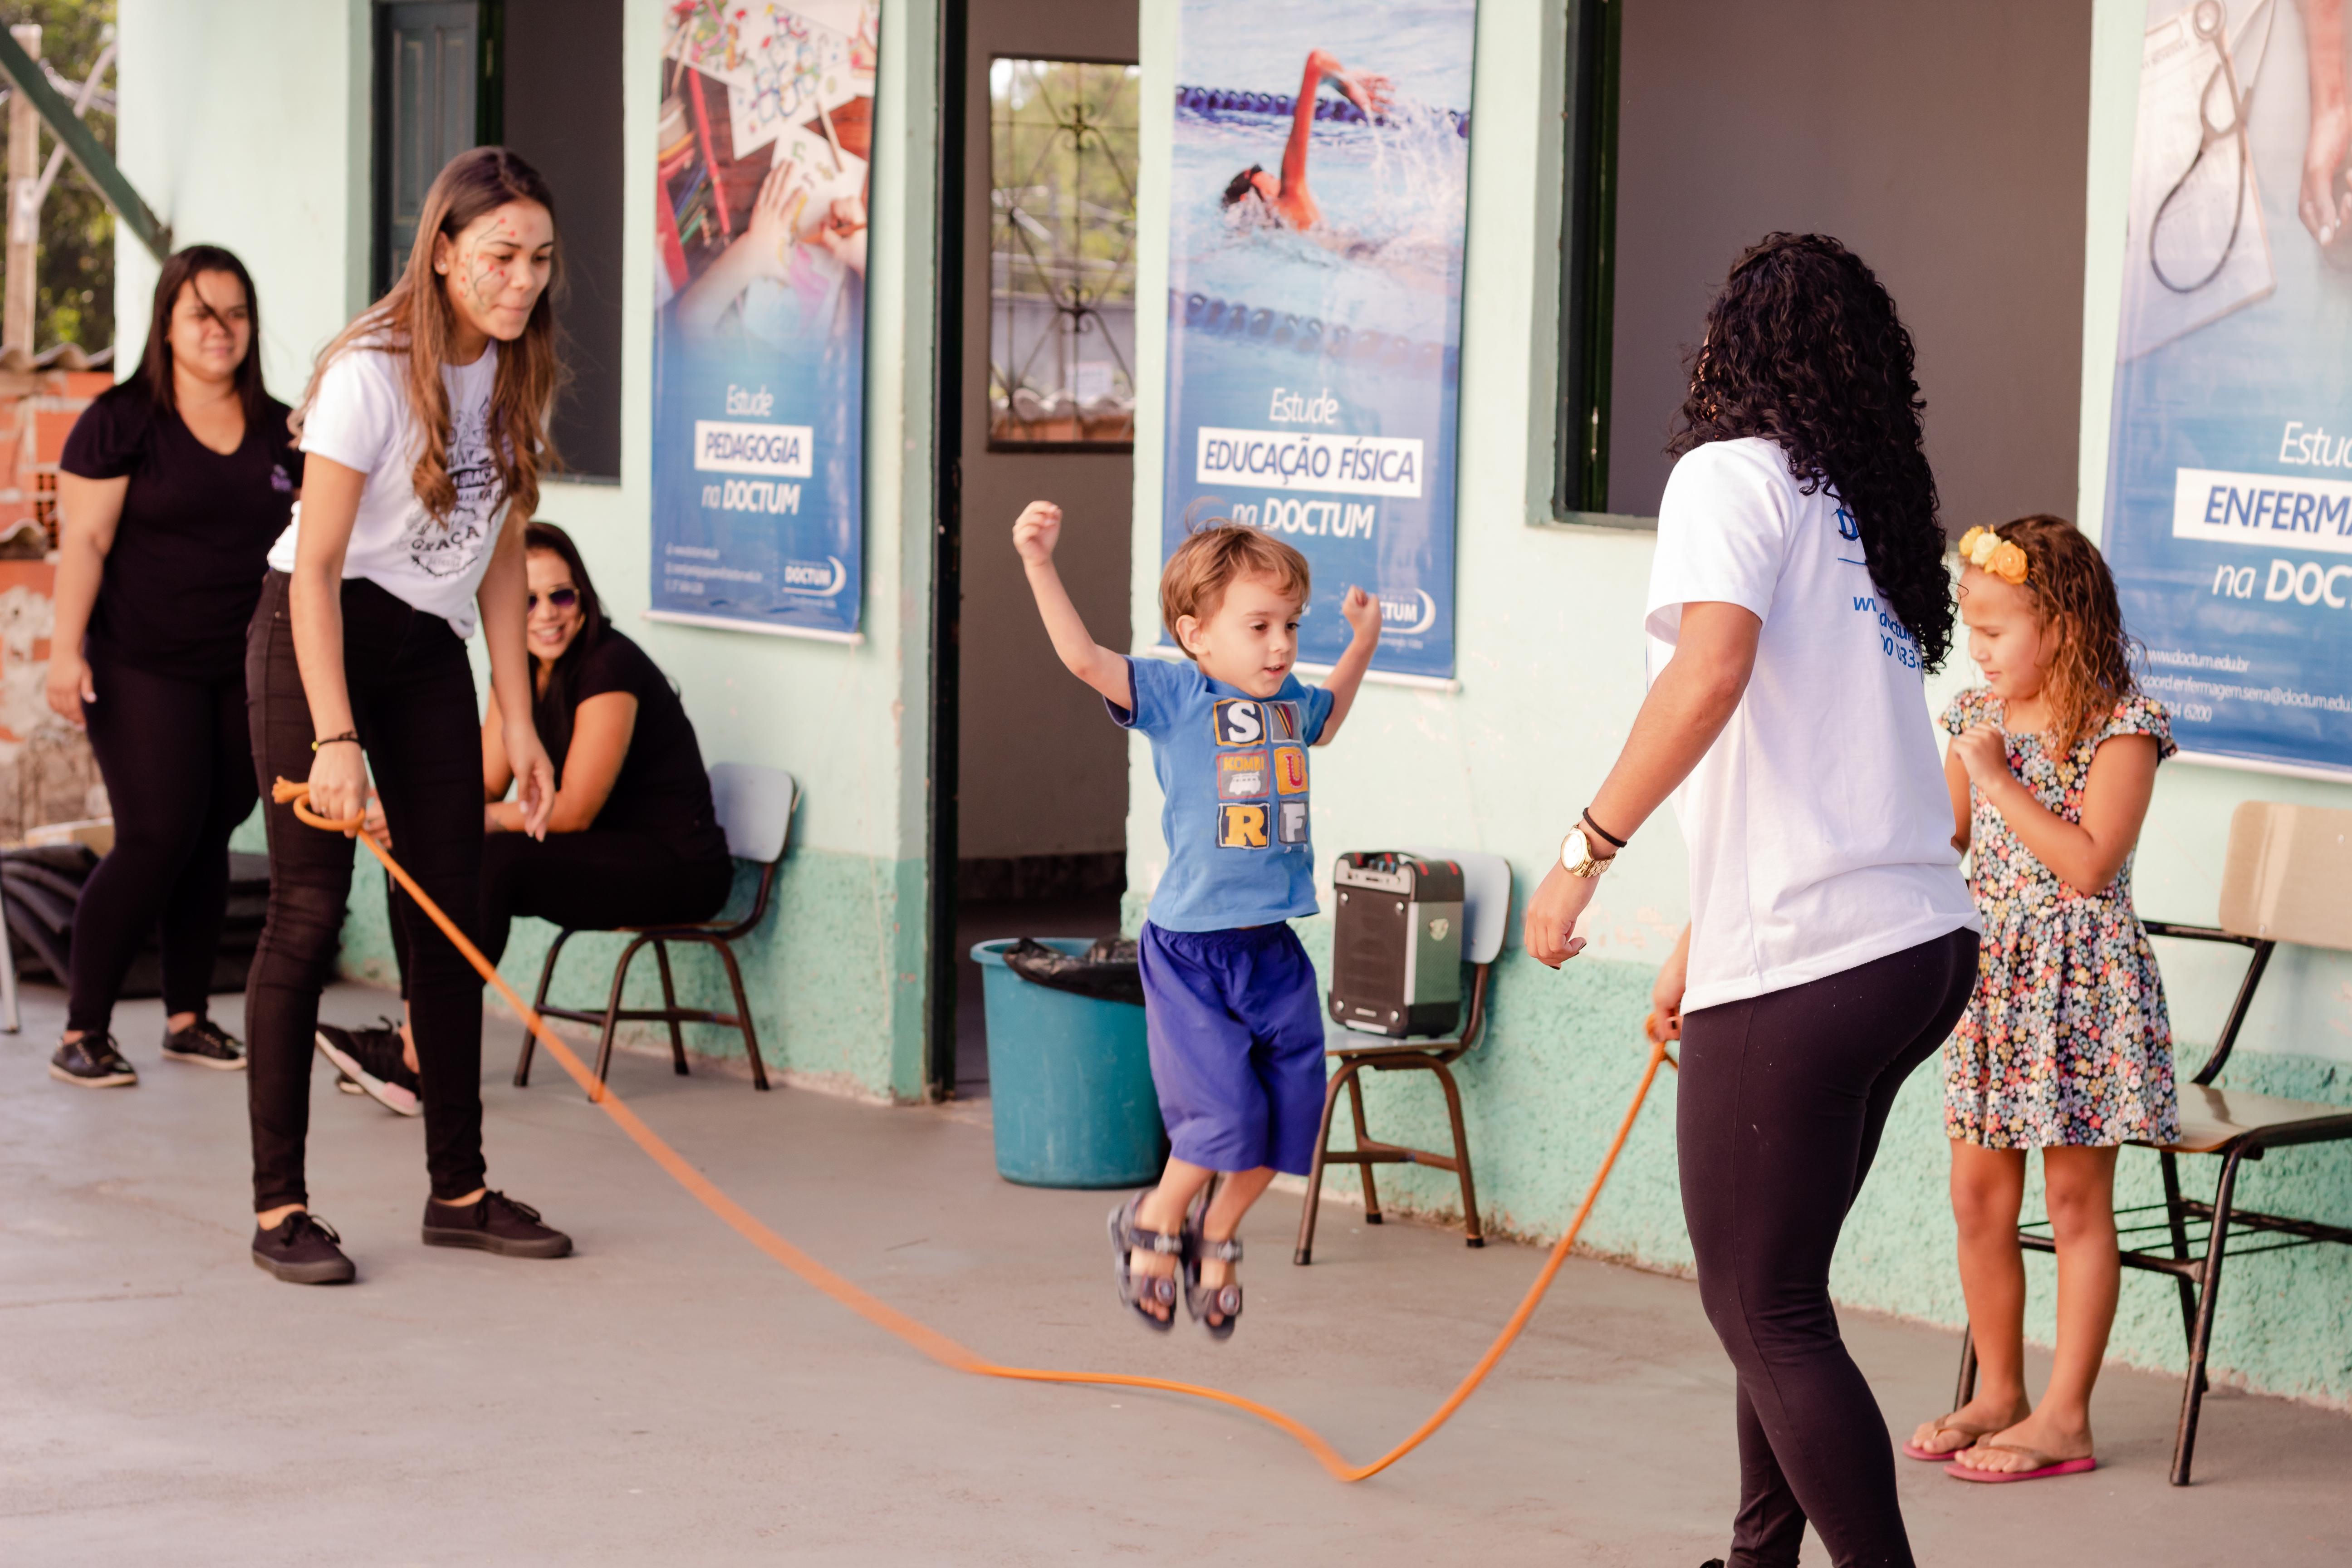 Rede de Ensino Doctum promove sábado de ação social  em Serra